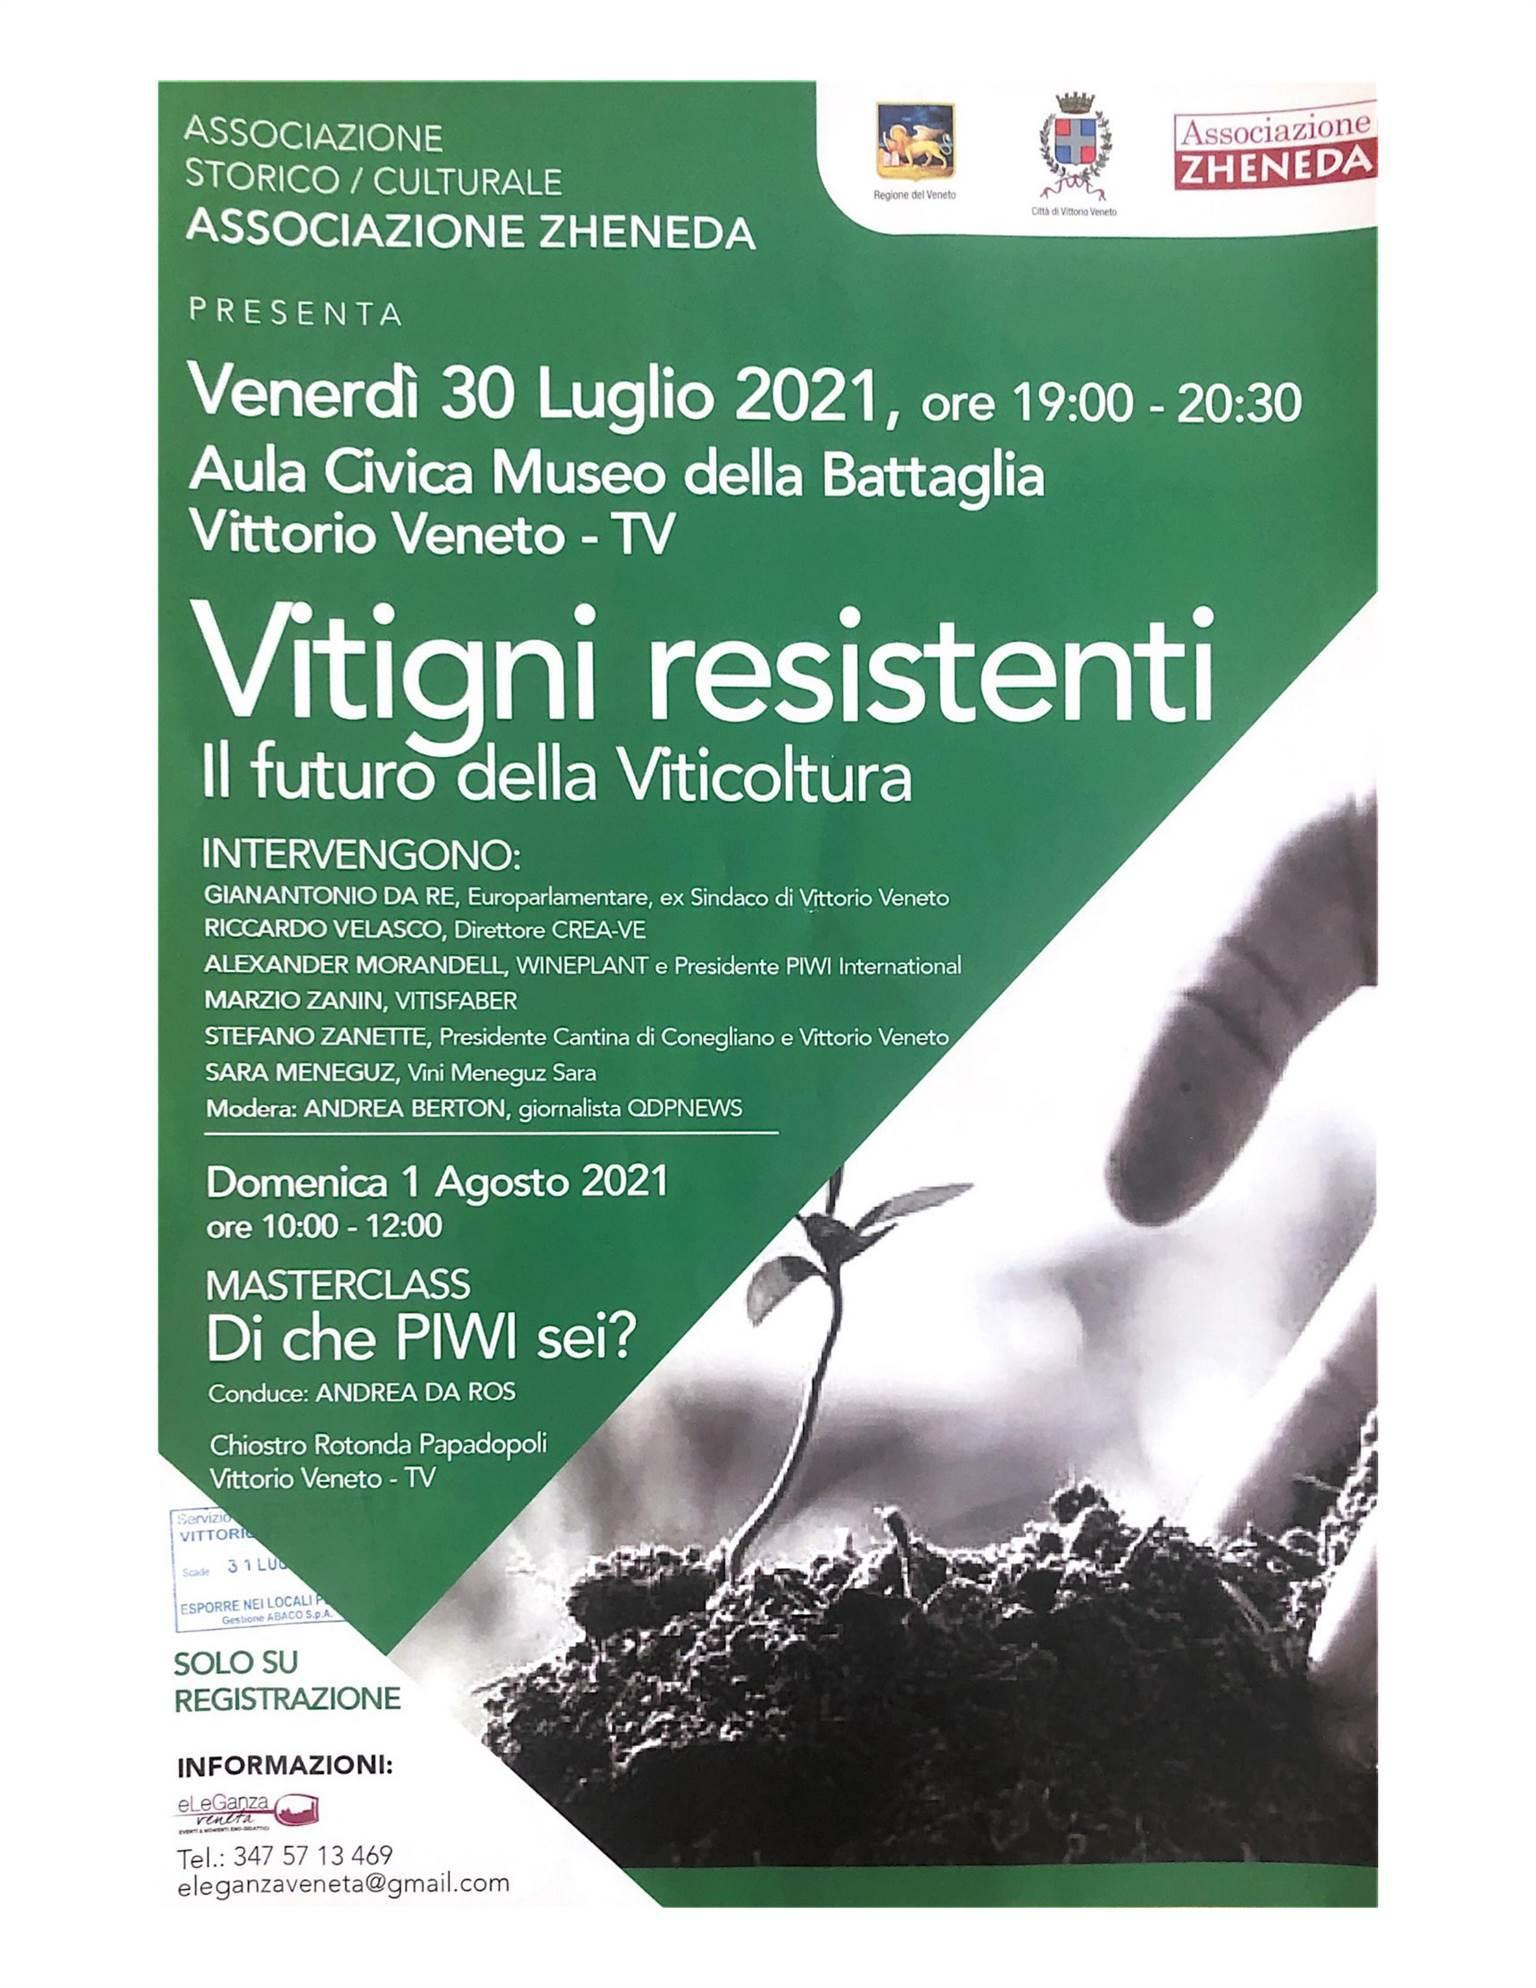 Vitigni resistenti - Il futuro della Viticoltura